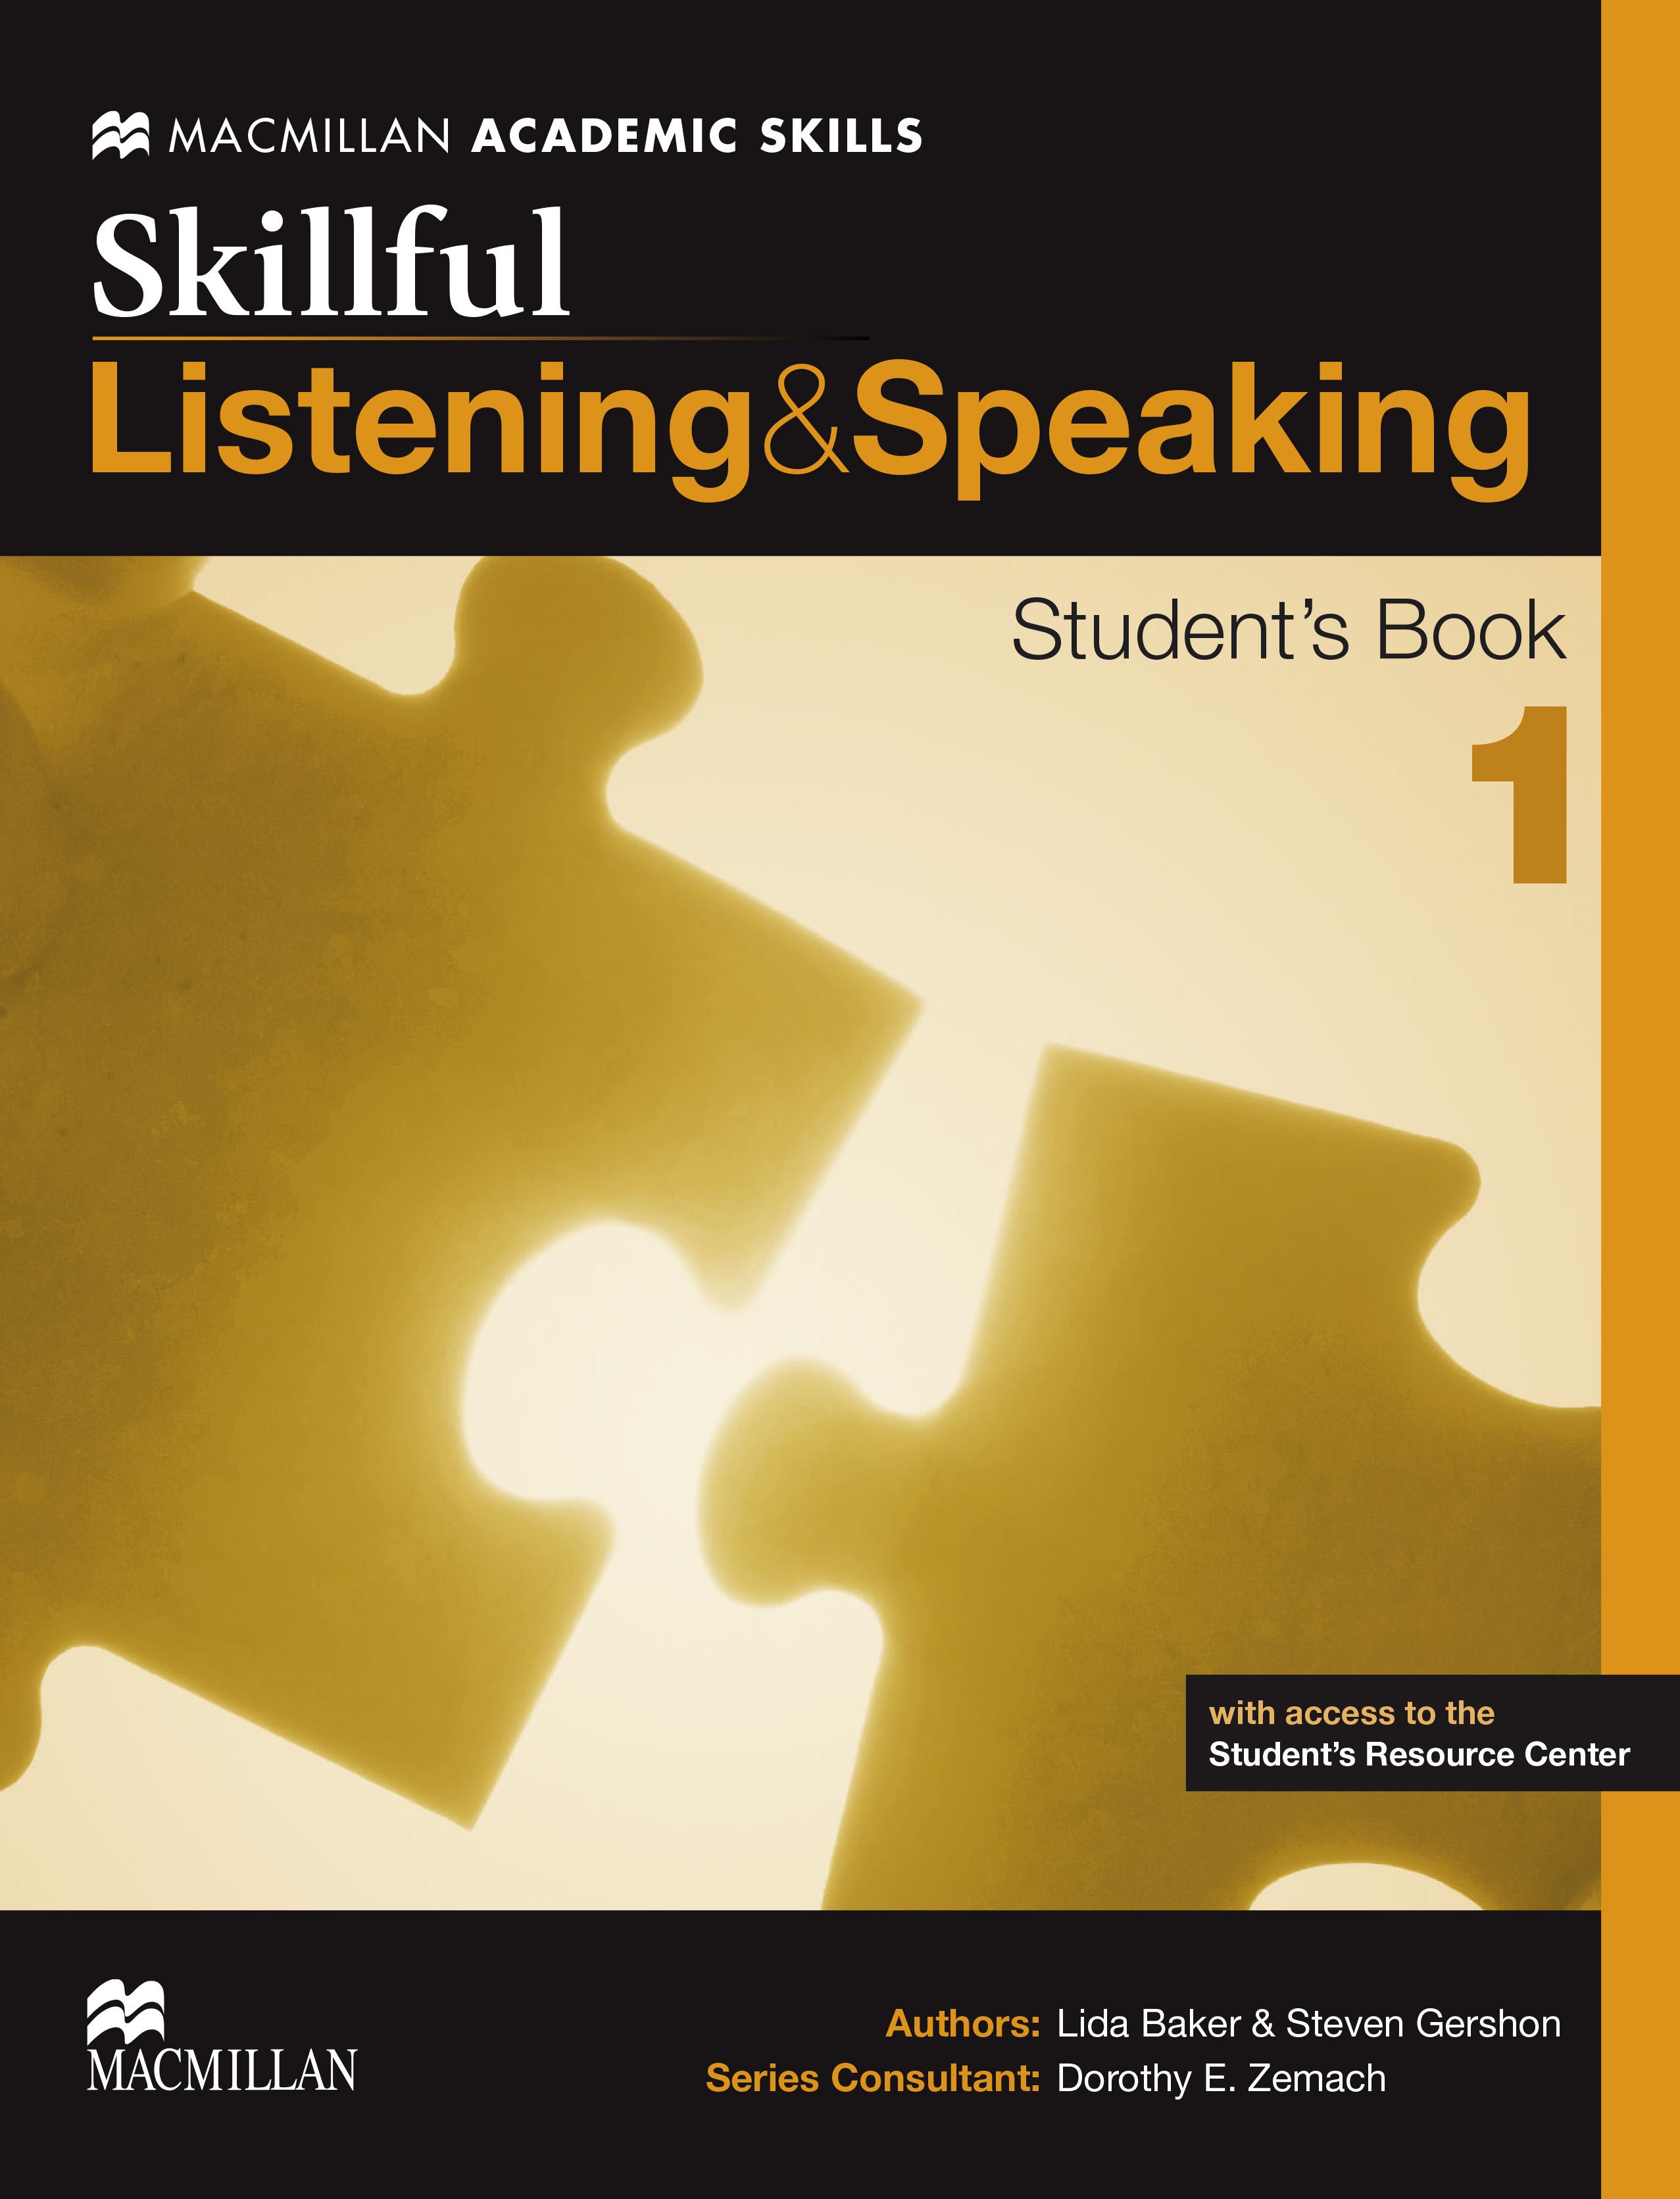 Skillful Level 1 Listening & Speaking Student